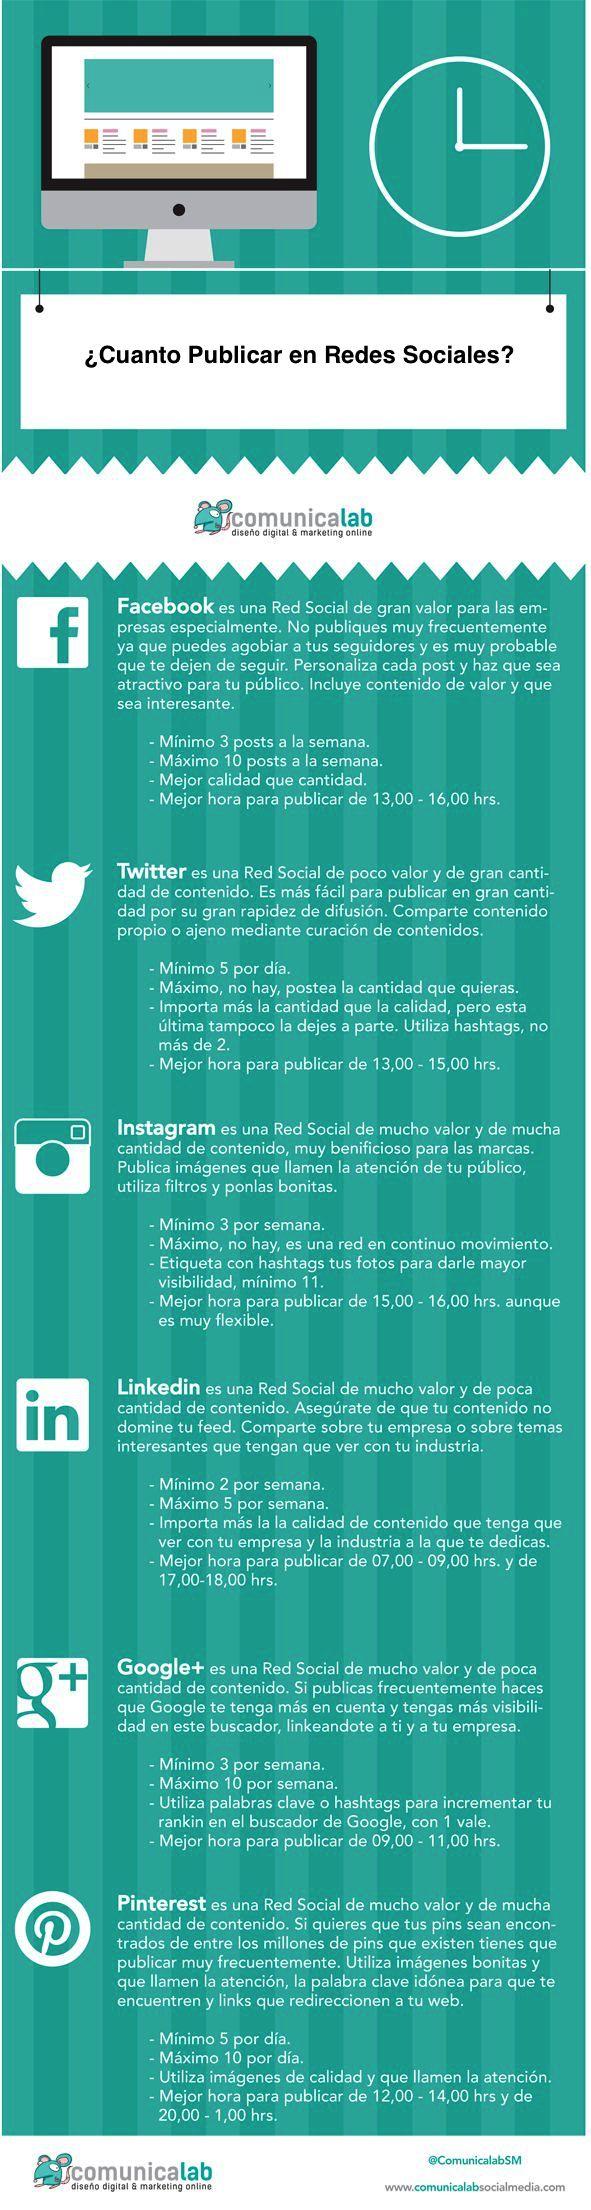 ¿Cuanto y que publicar en redes sociales?